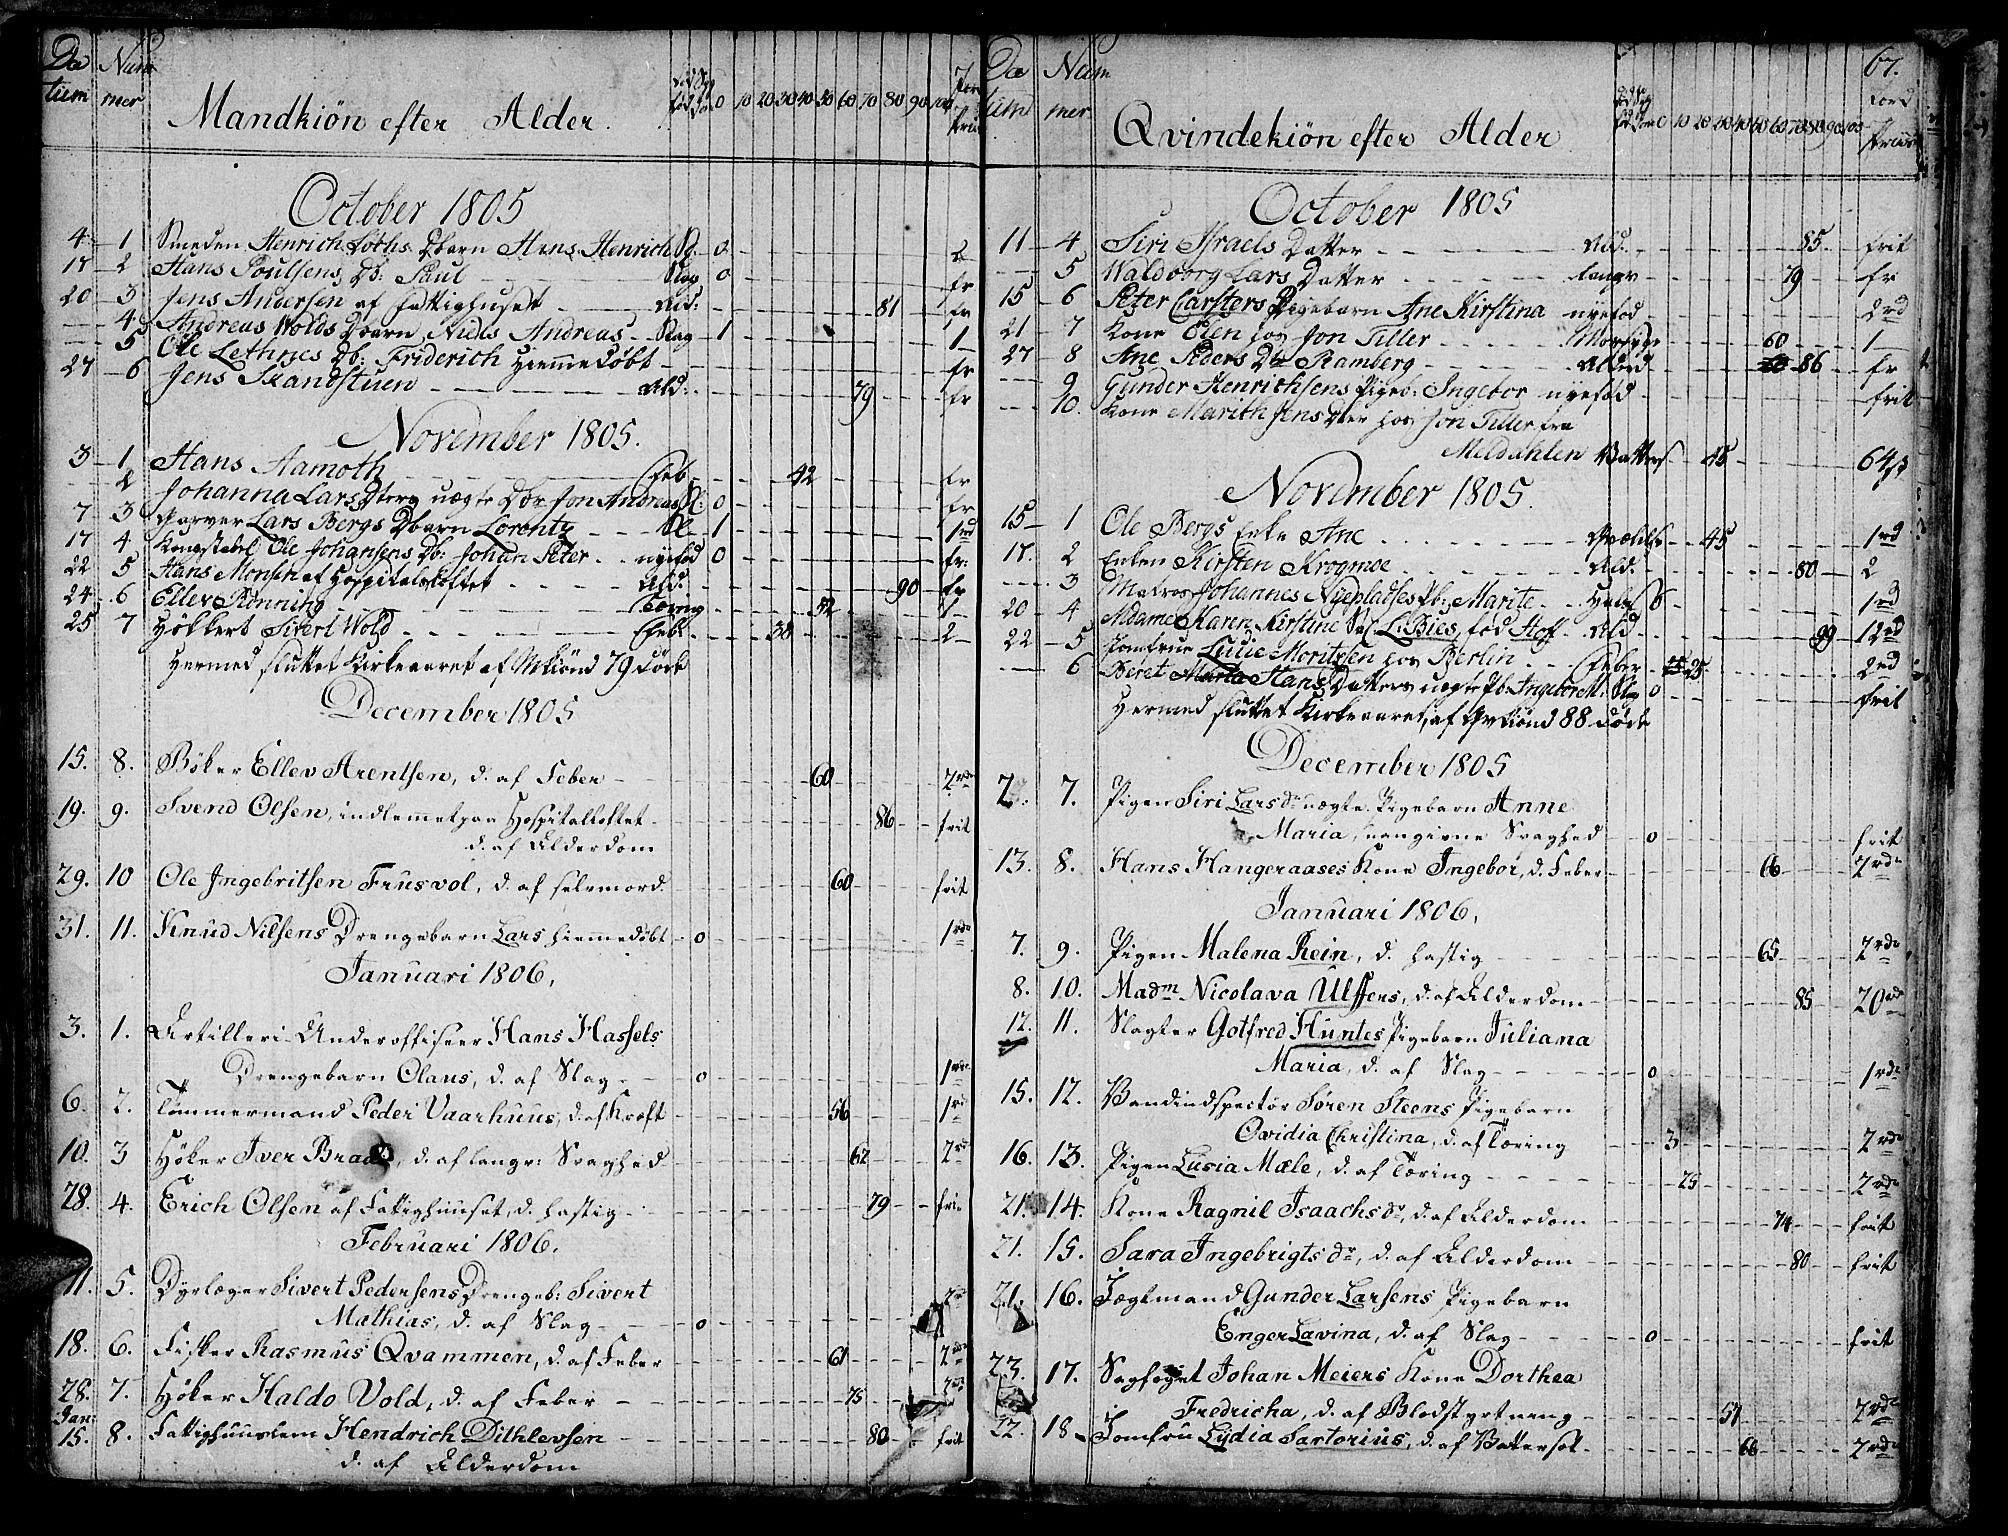 SAT, Ministerialprotokoller, klokkerbøker og fødselsregistre - Sør-Trøndelag, 601/L0040: Ministerialbok nr. 601A08, 1783-1818, s. 67